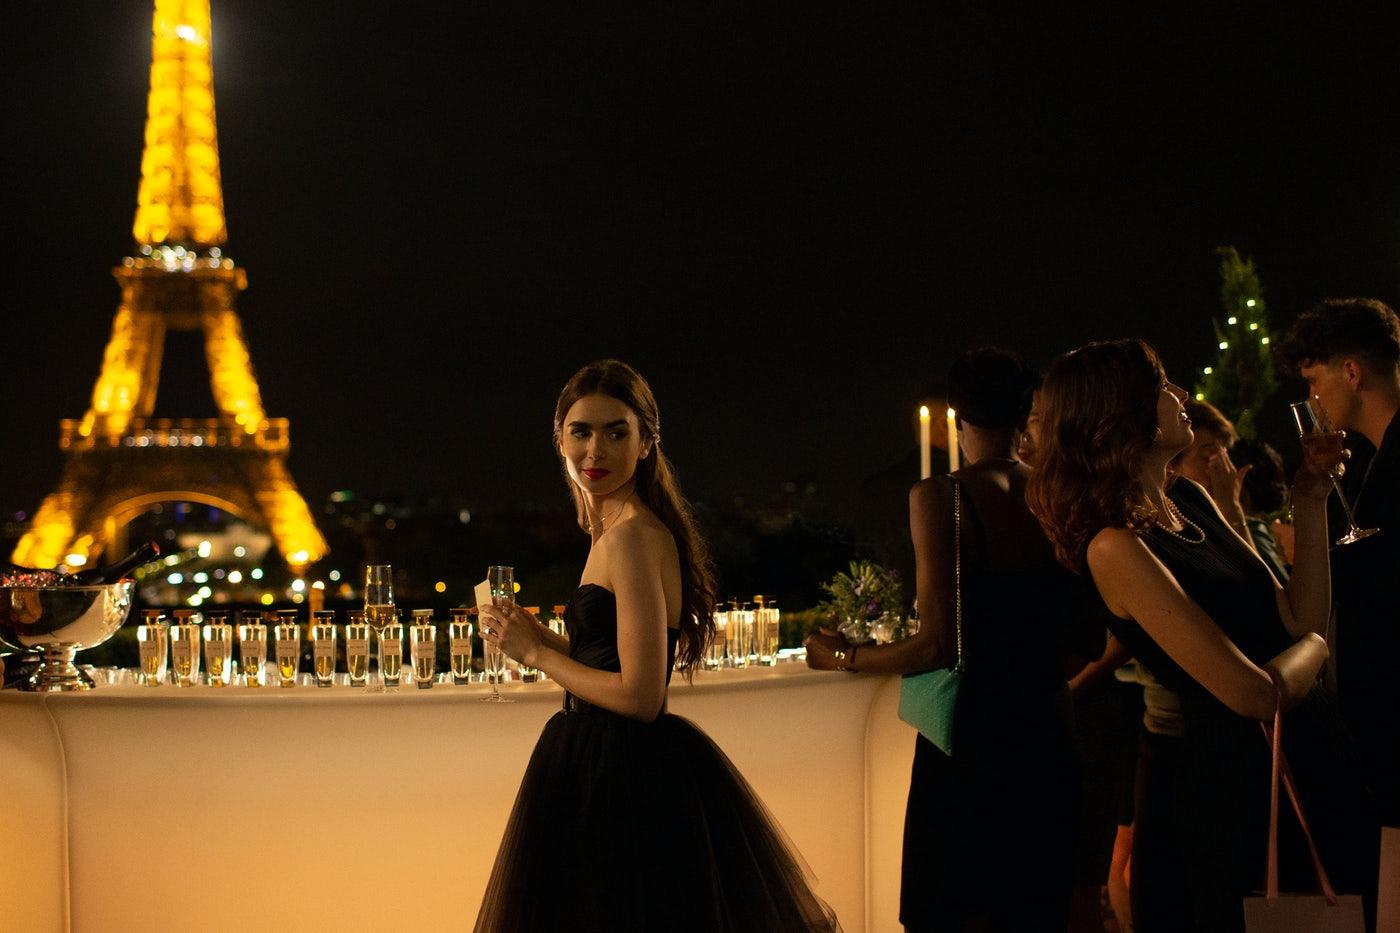 Blir det en ny sesong av Emily in Paris?